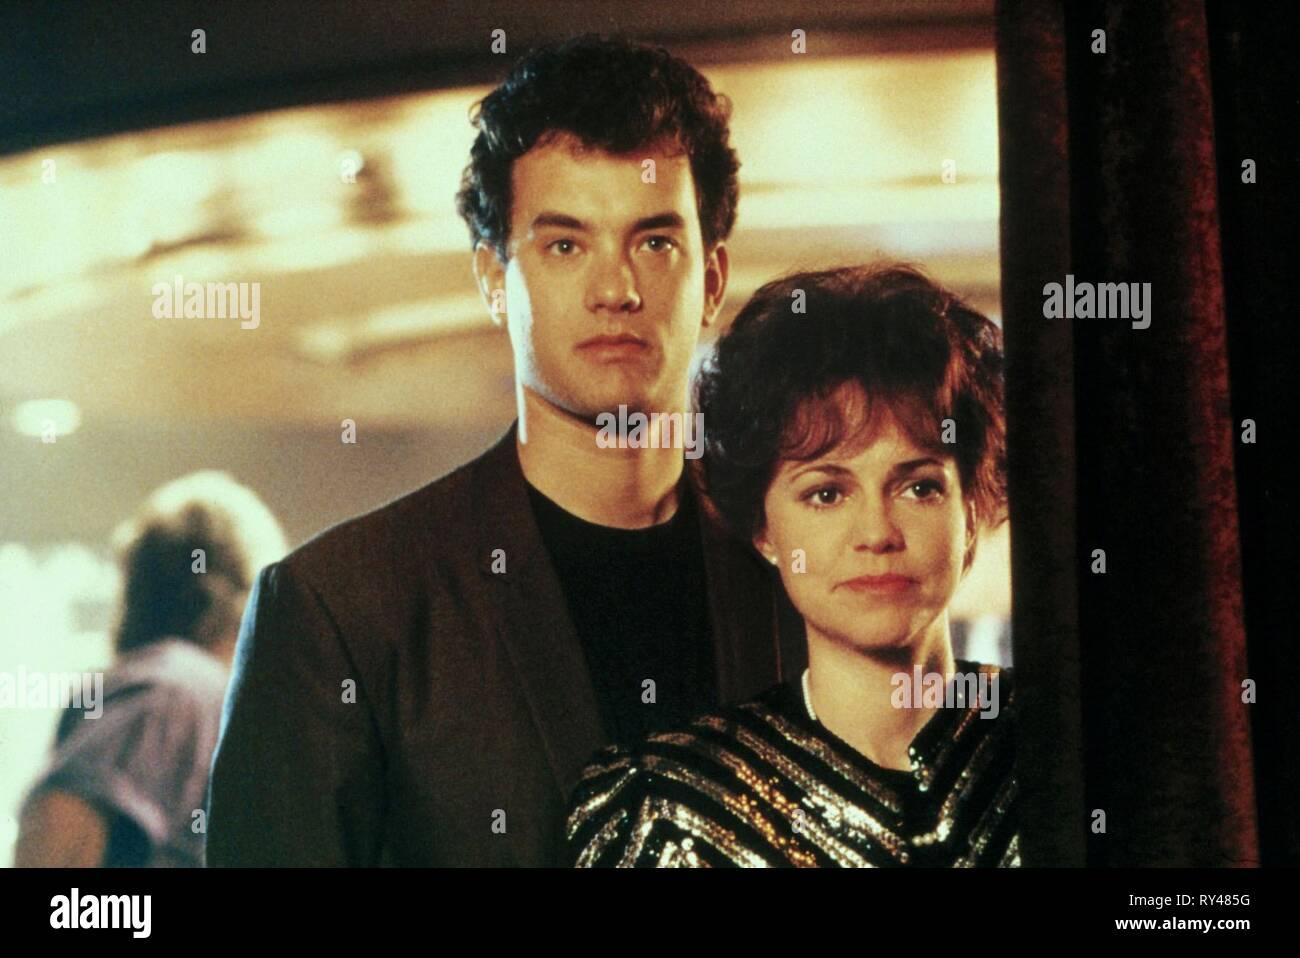 HANKS,FIELD, PUNCHLINE, 1988 - Stock Image